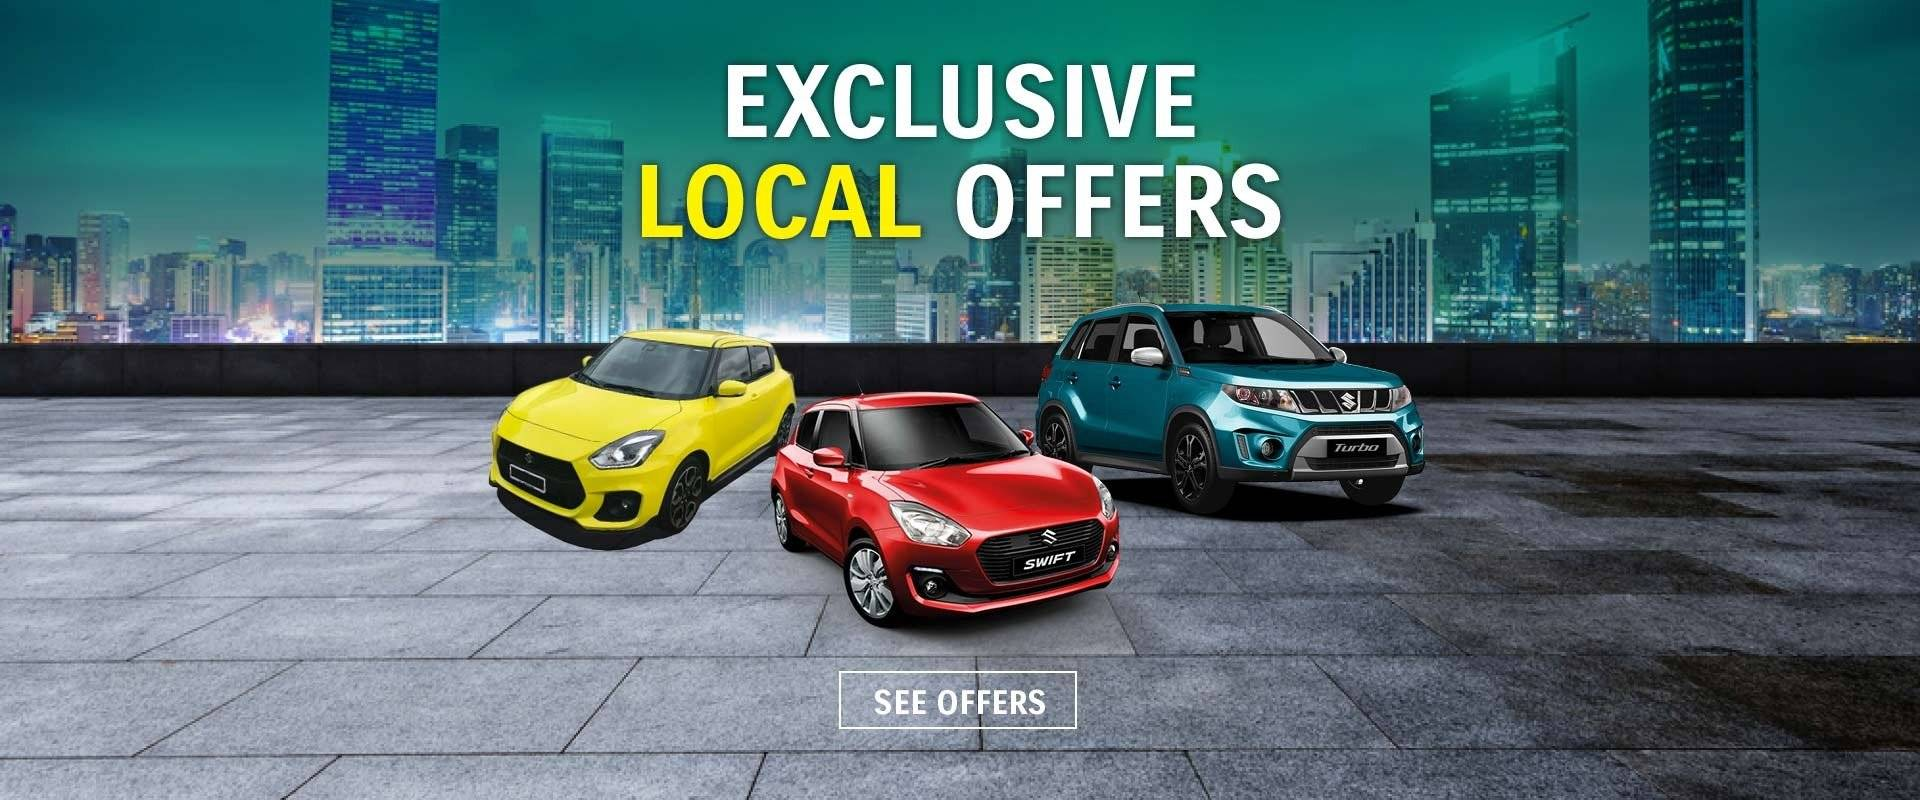 Eastern Suzuki Local Offers